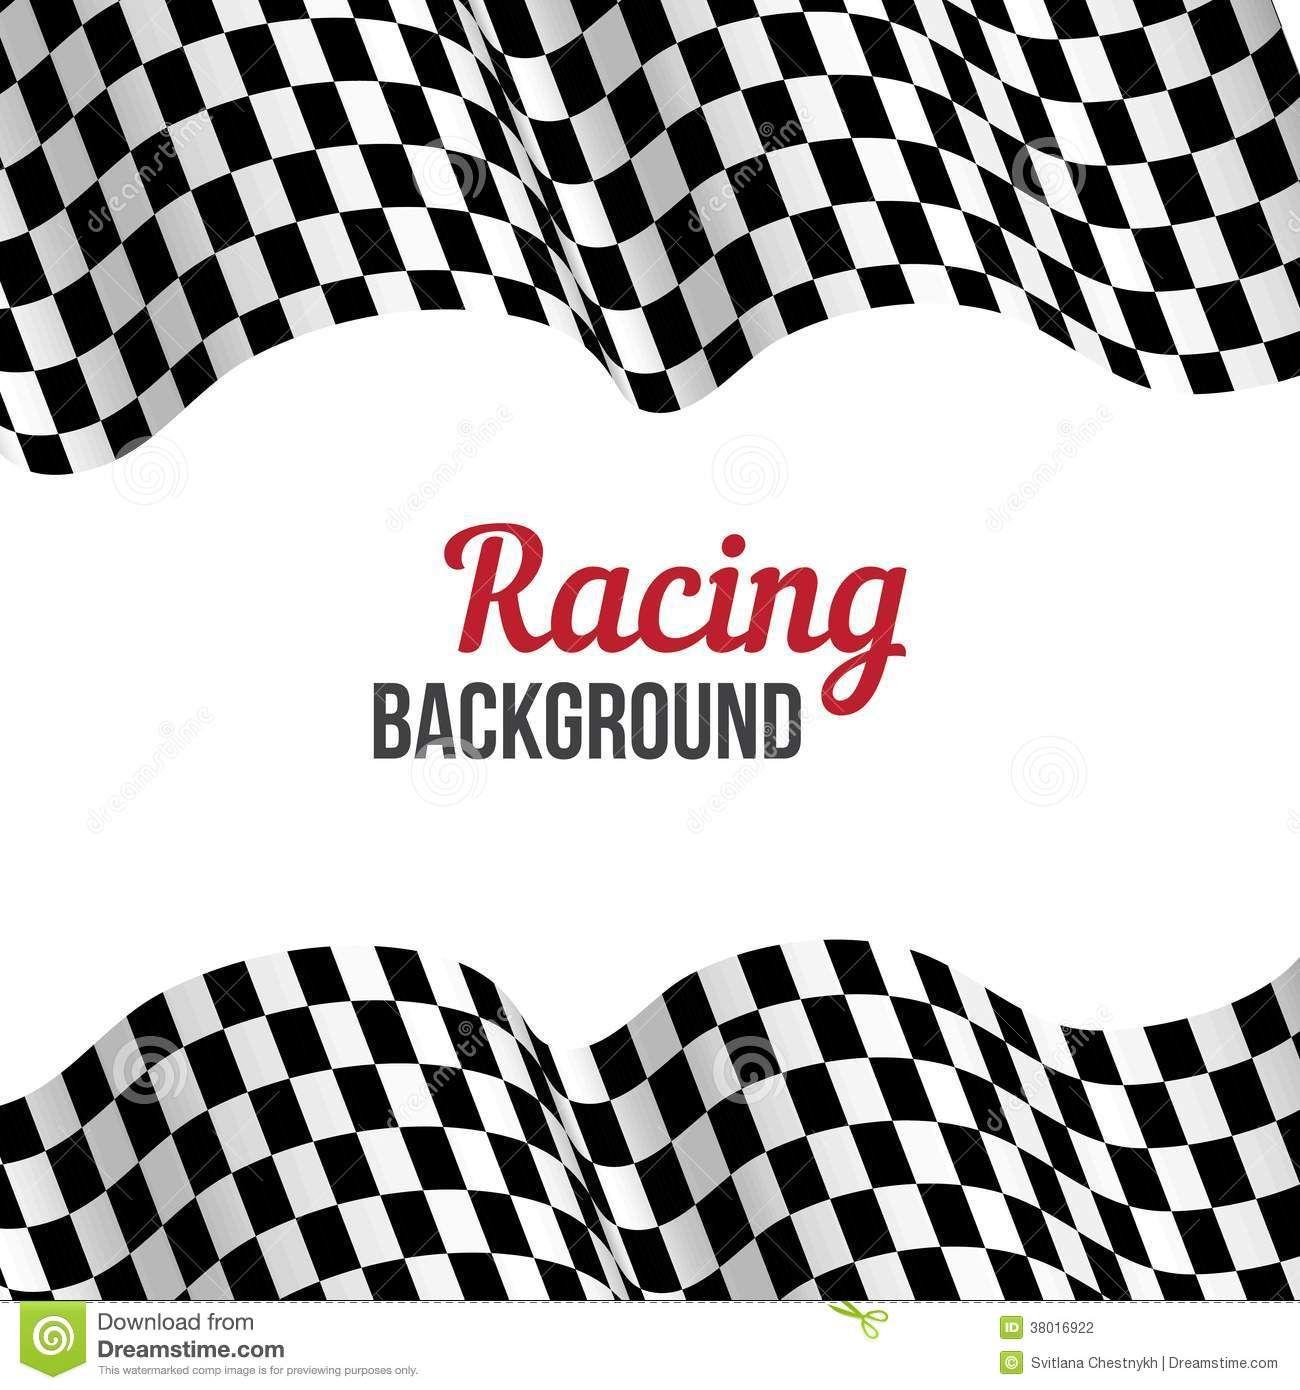 backgroundcheckeredracingflag38016922.jpg (1300×1390